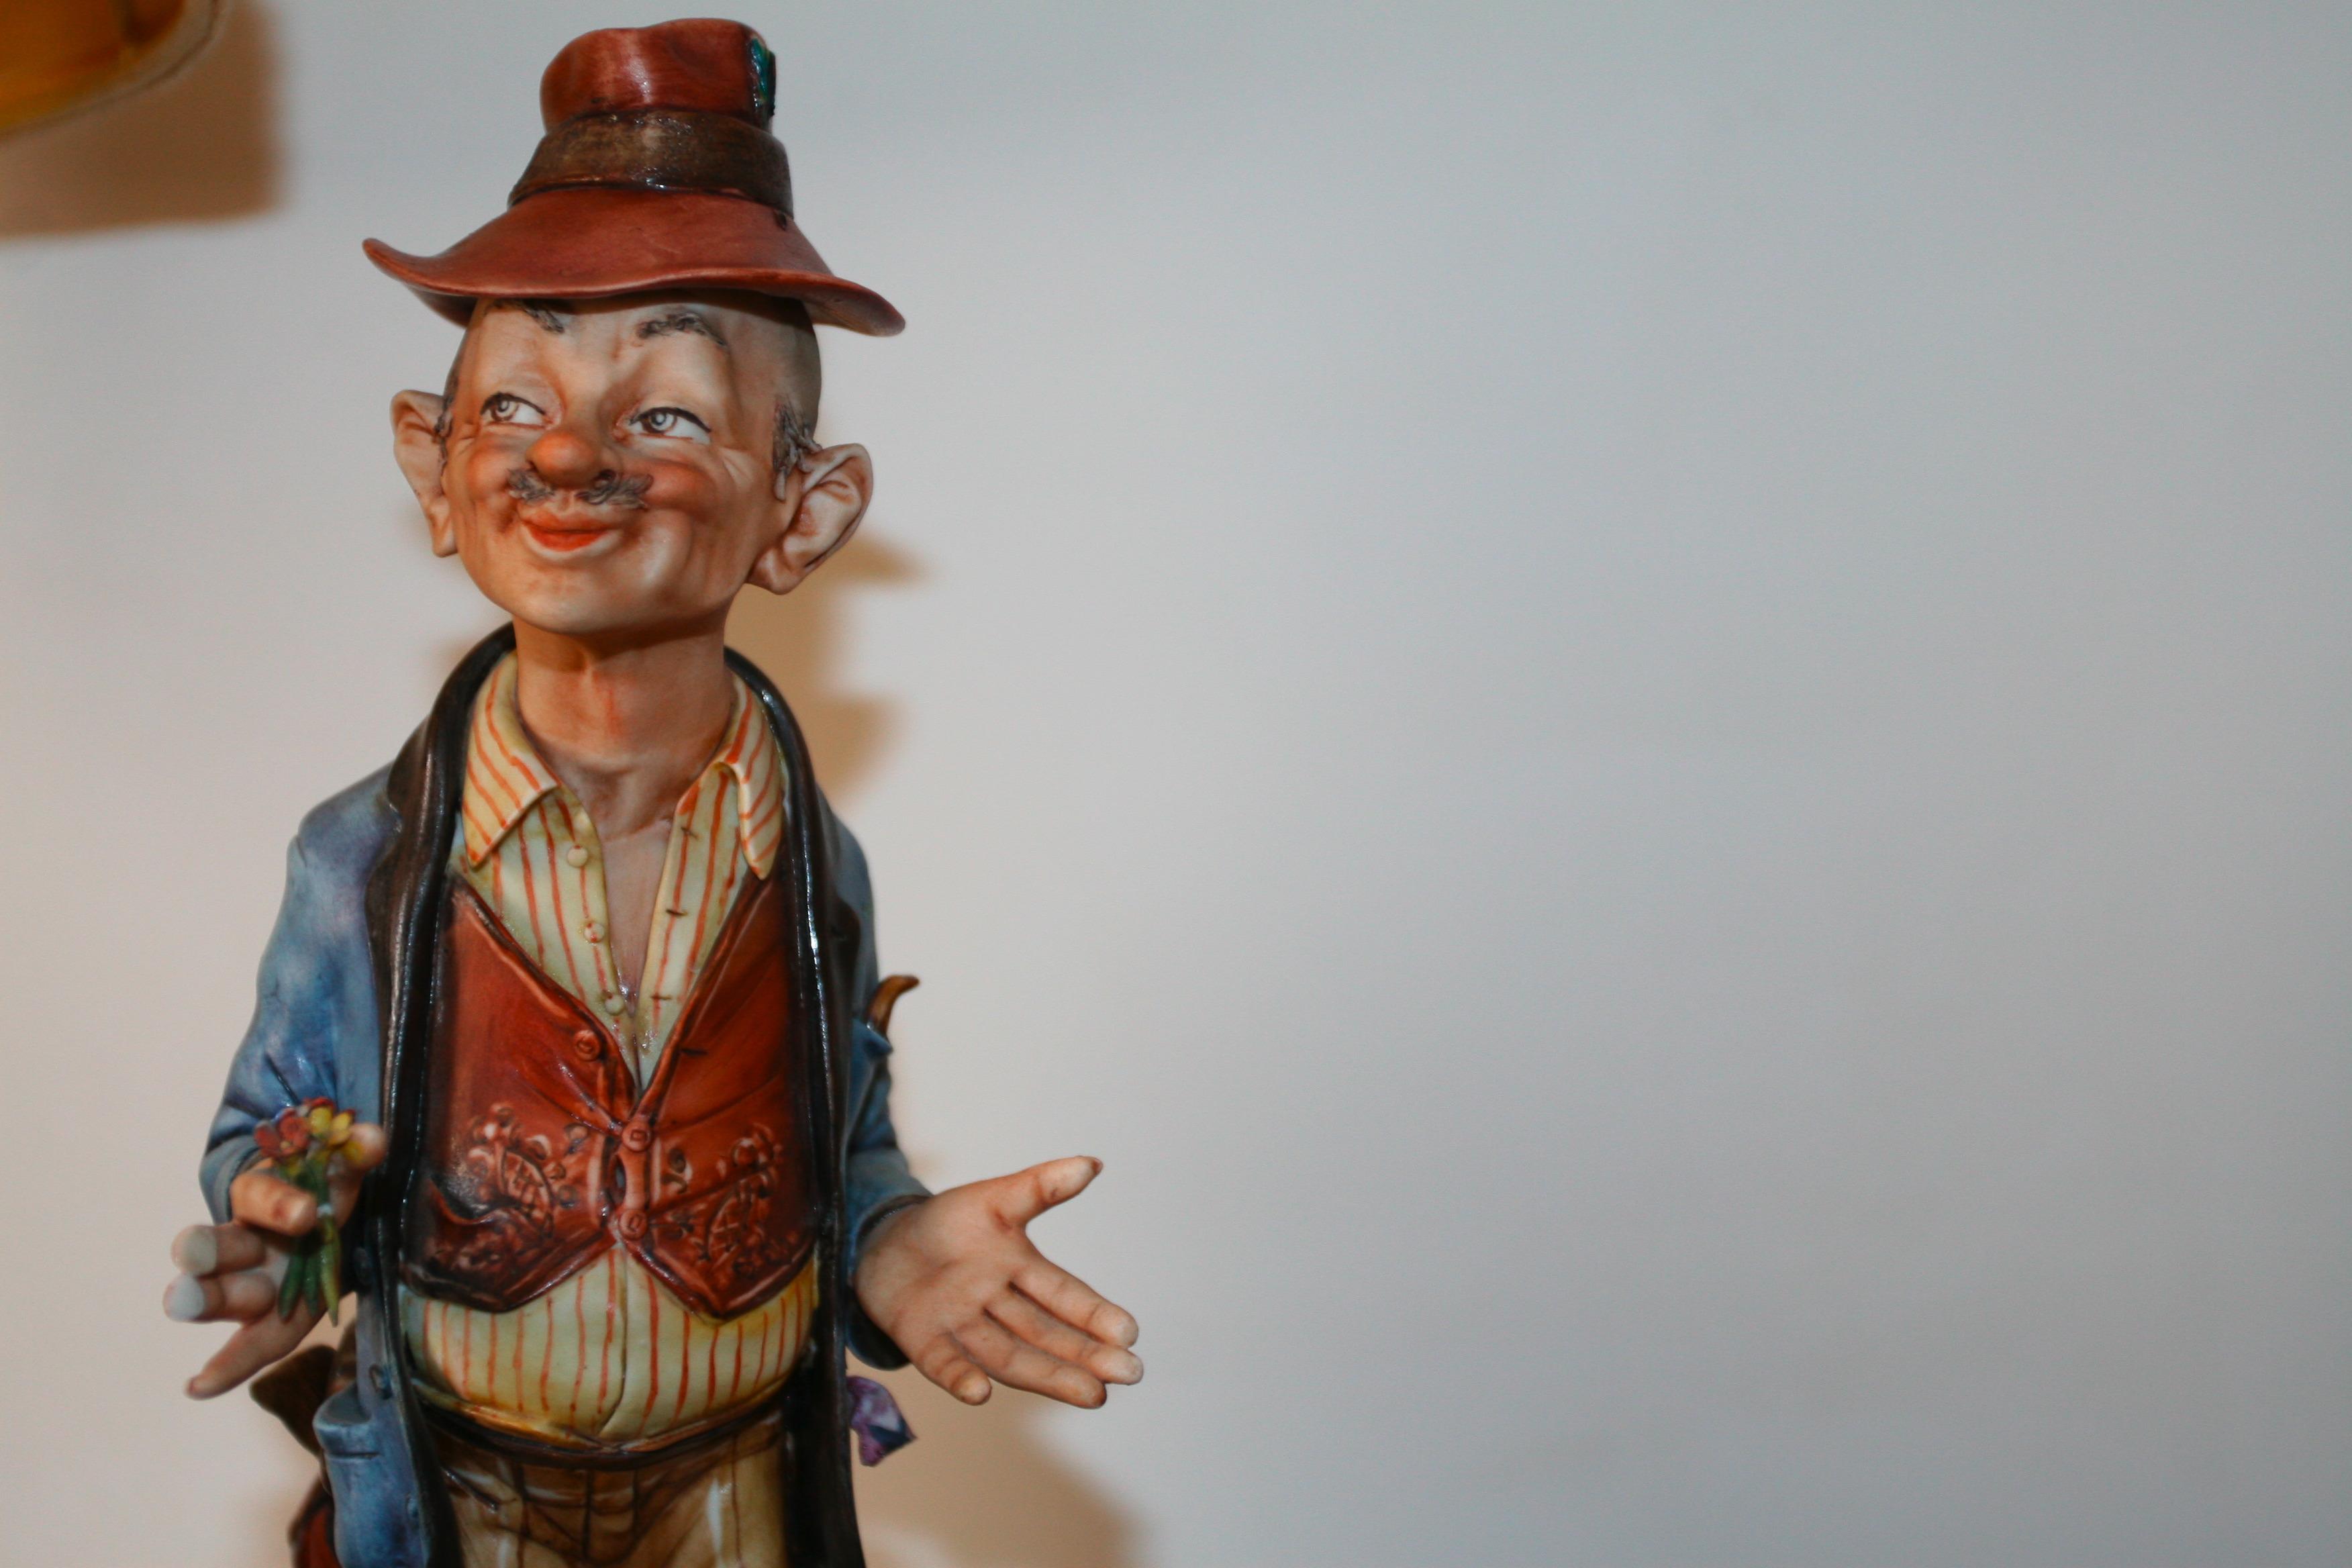 Grandpa, puppet, smile, oldman, white, HQ Photo